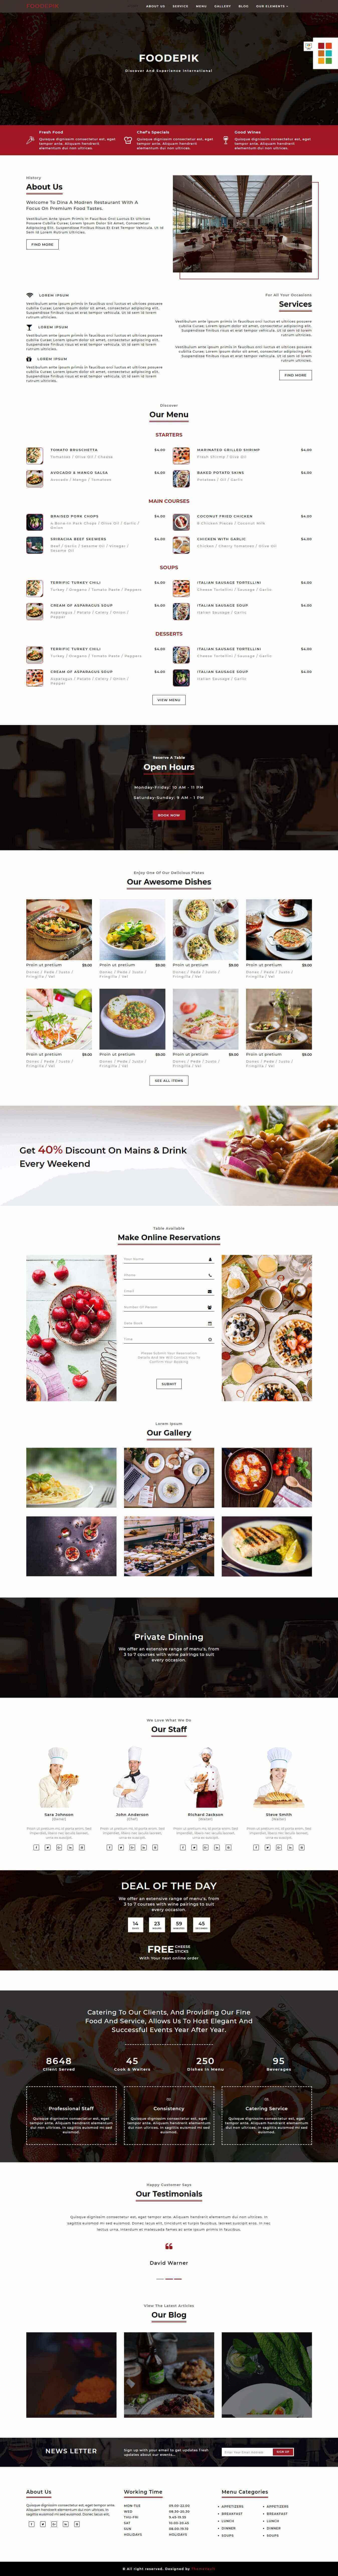 FoodEpik – Free Online Food Ordering Template HTML5